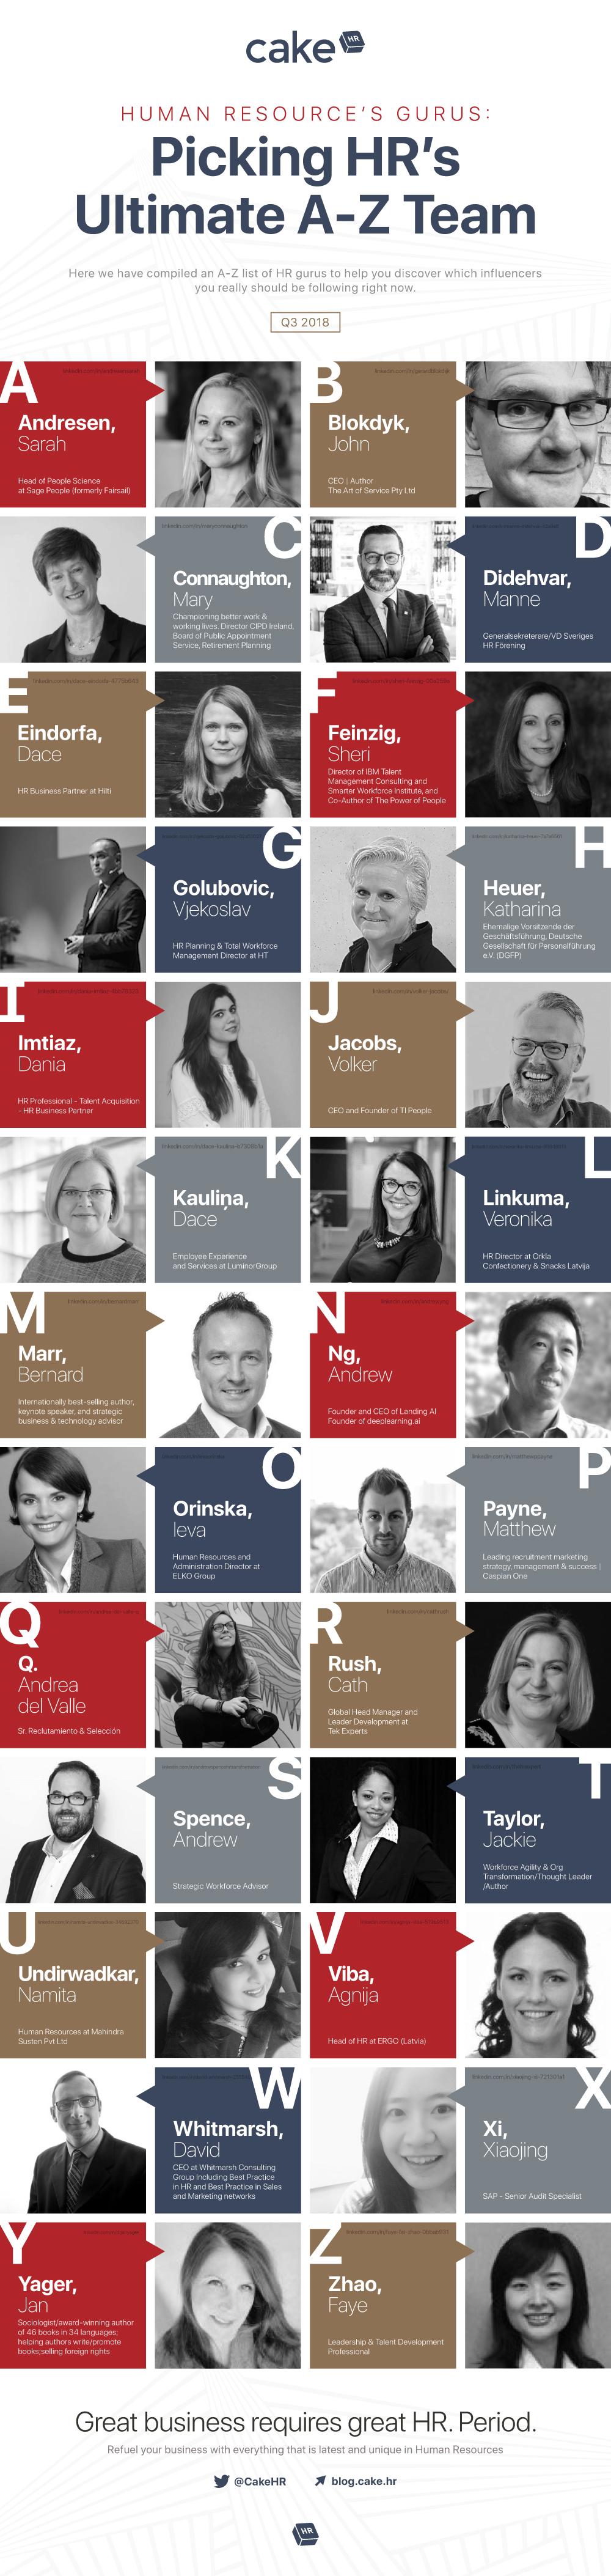 CakeHR's HR Gurus for Q3 2018